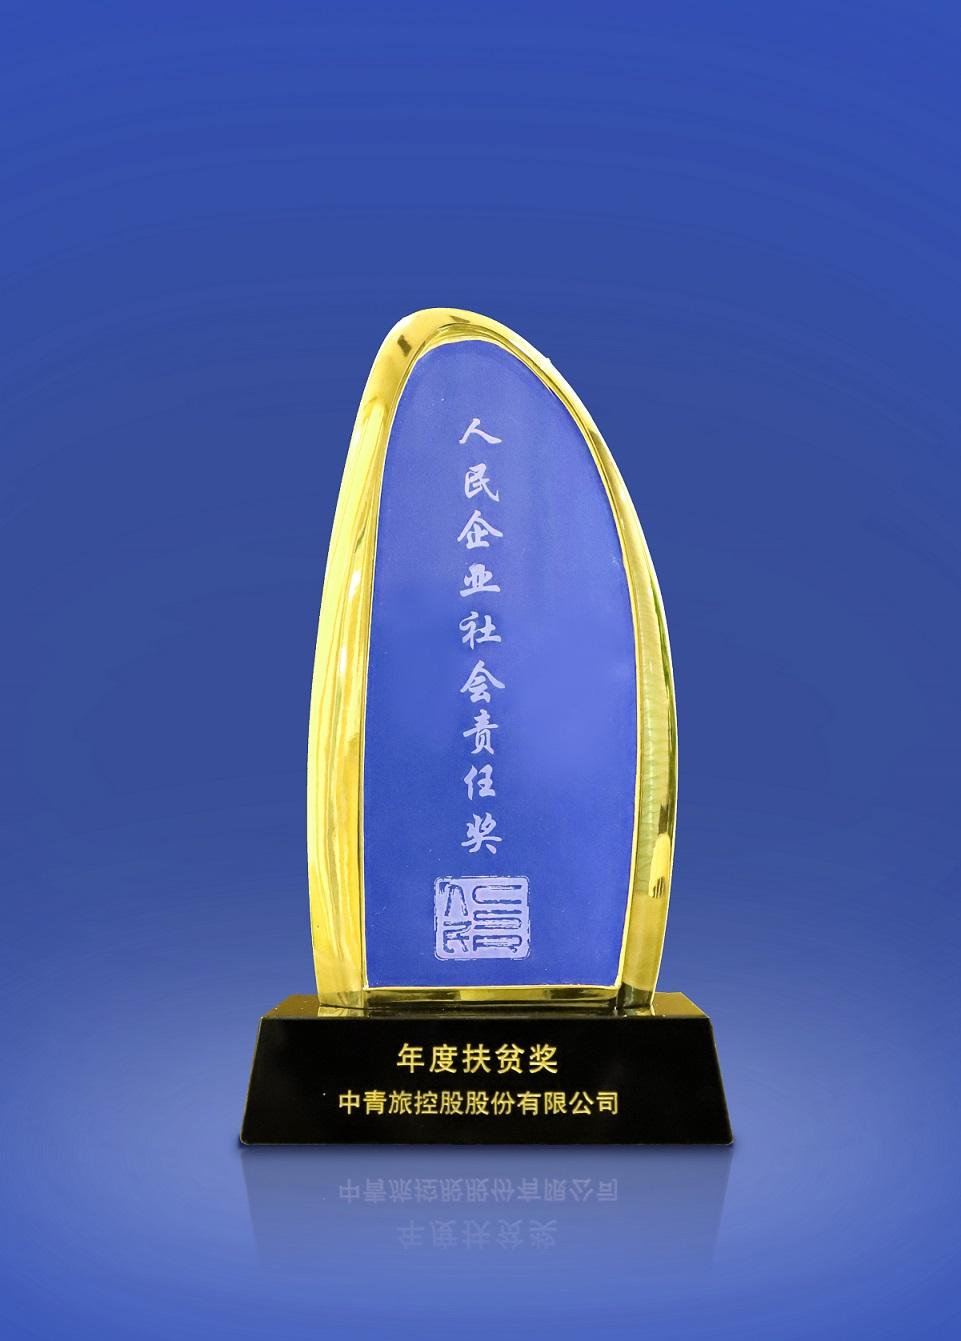 中青旅荣获人民企业社会责任年度扶贫奖